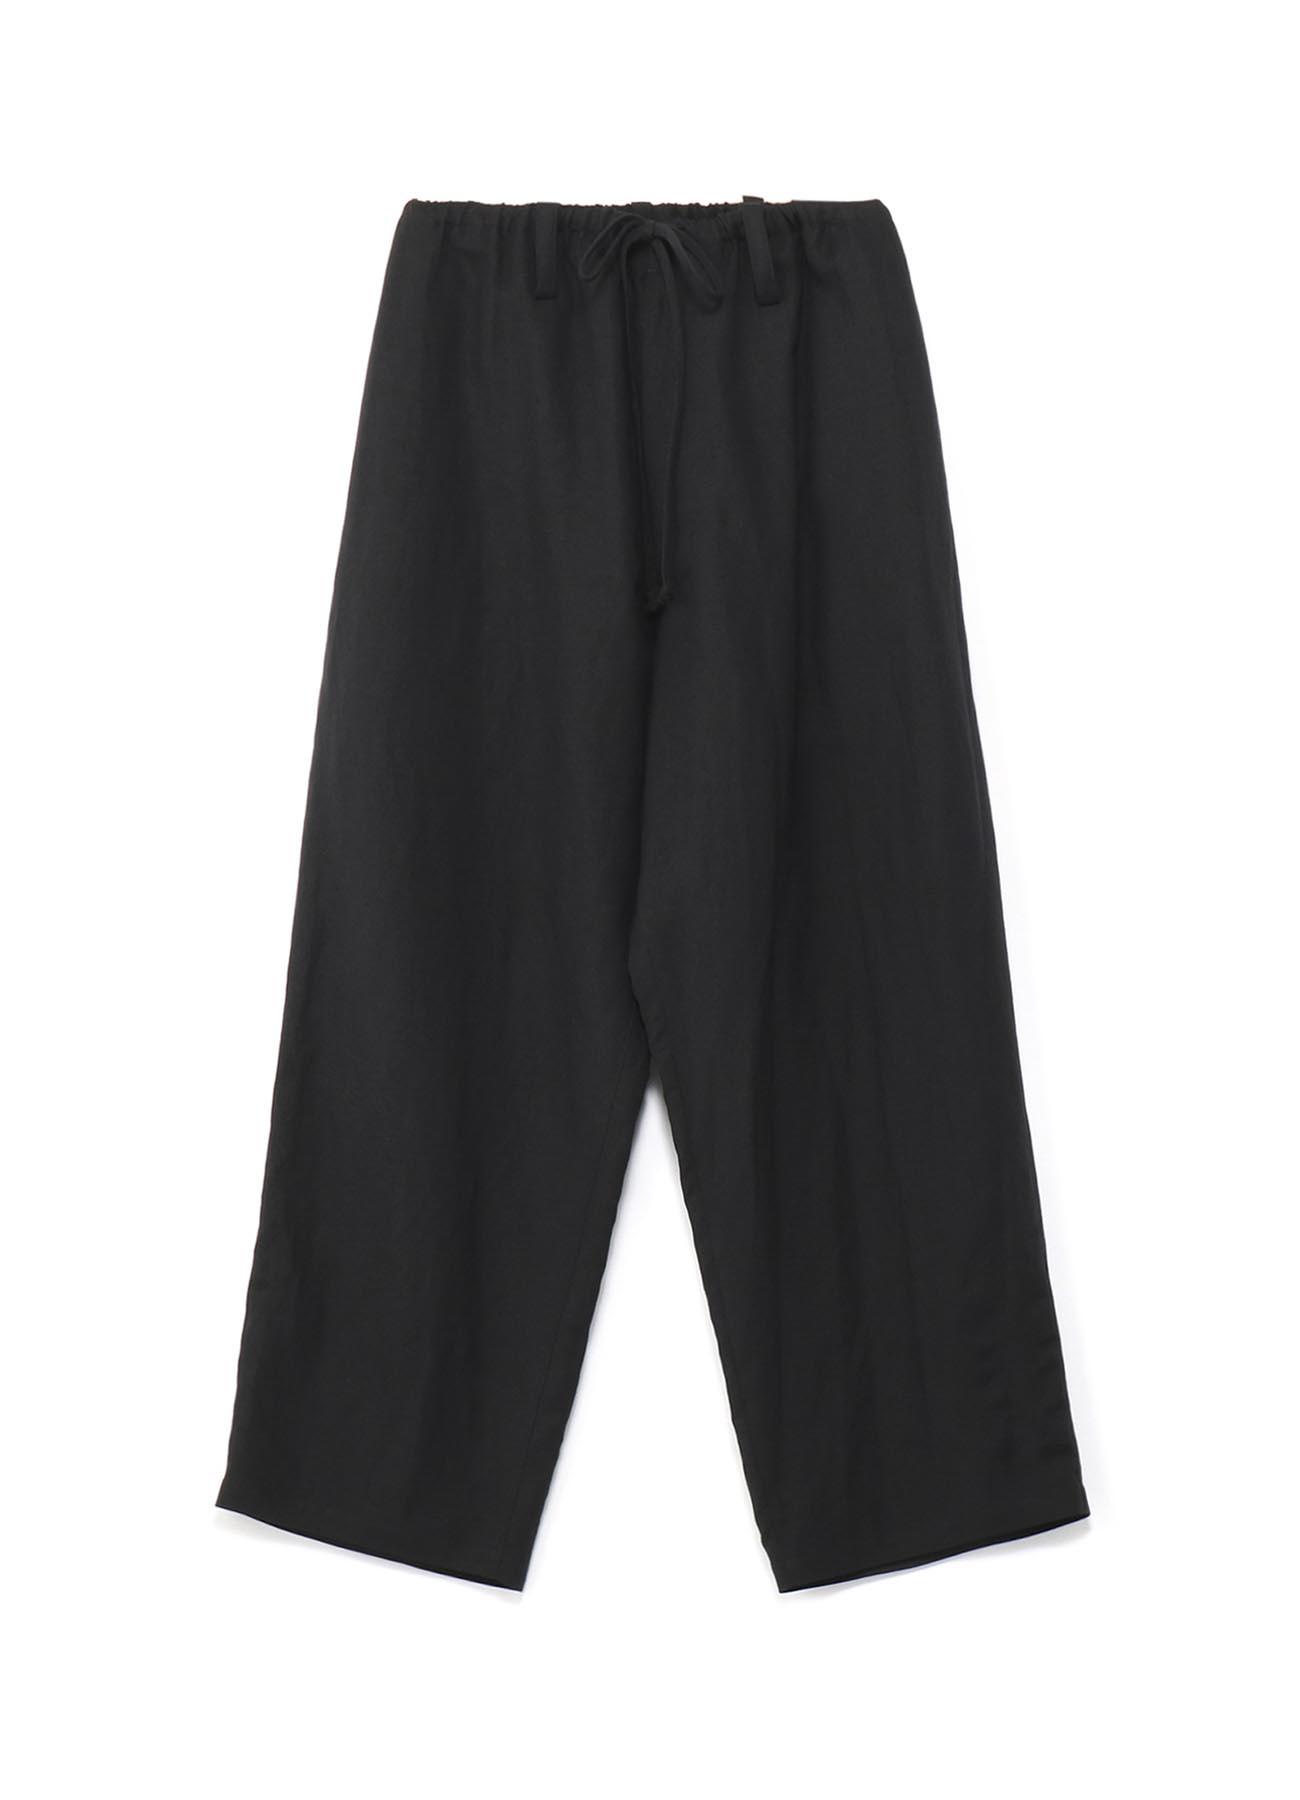 人造丝亚麻混纺长裤